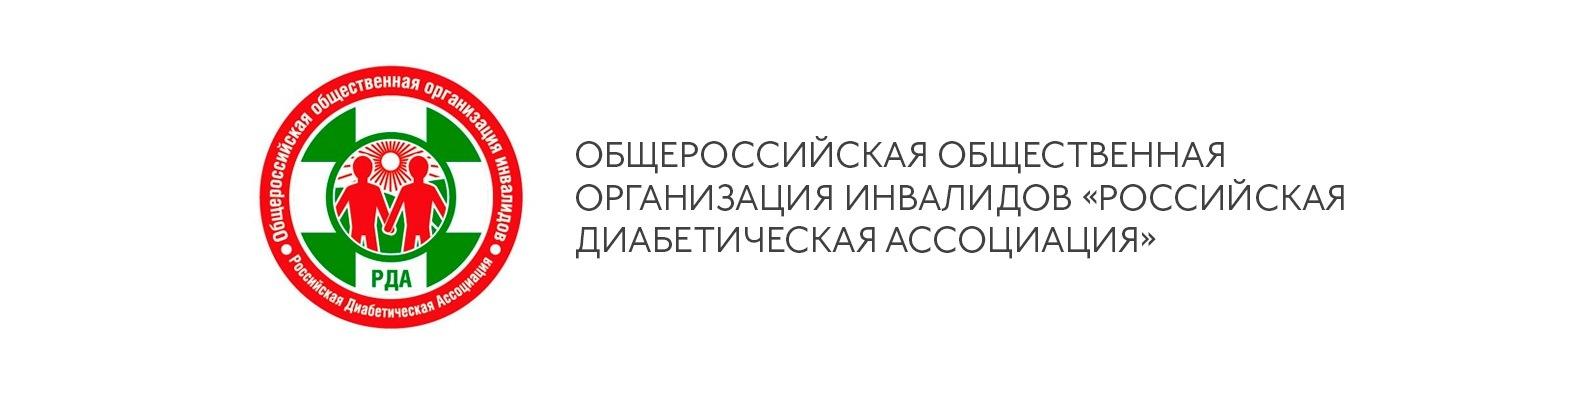 Диабетическая ассоциация москвы